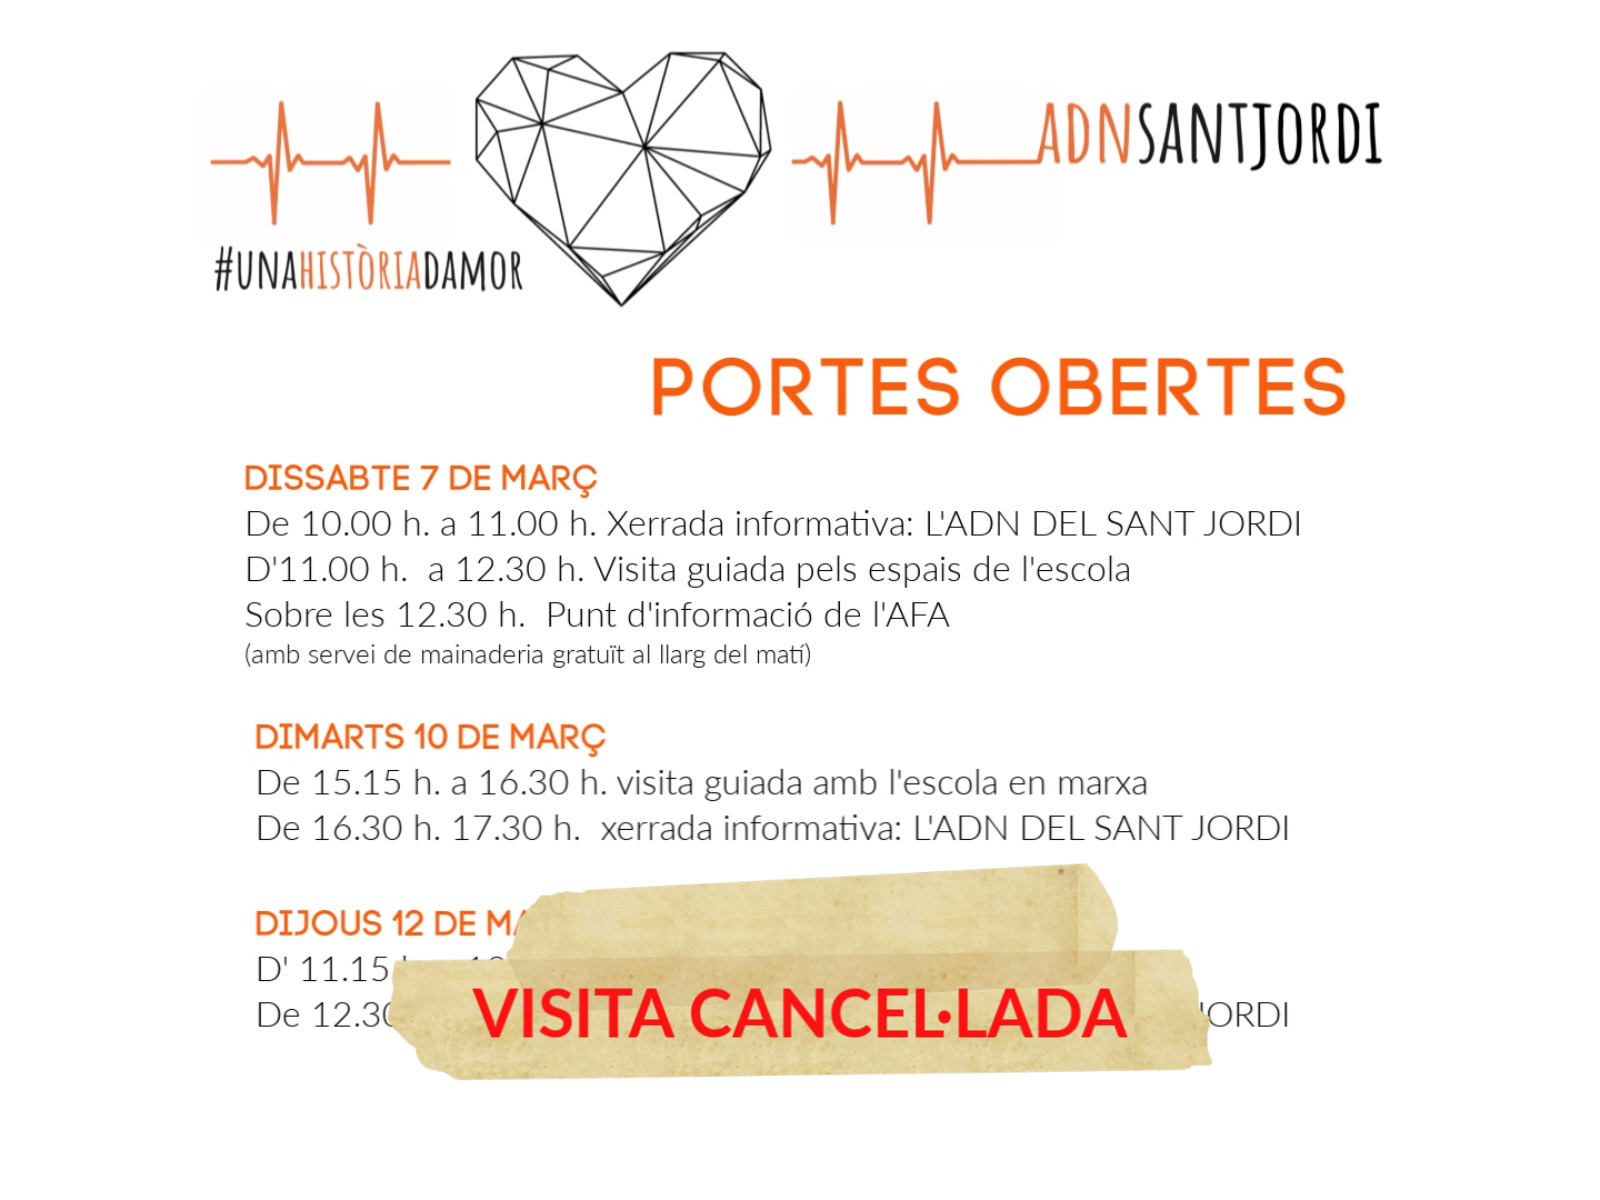 SESSIÓ PORTES OBERTES DIJOUS 12 DE MARÇ CANCEL·LADA